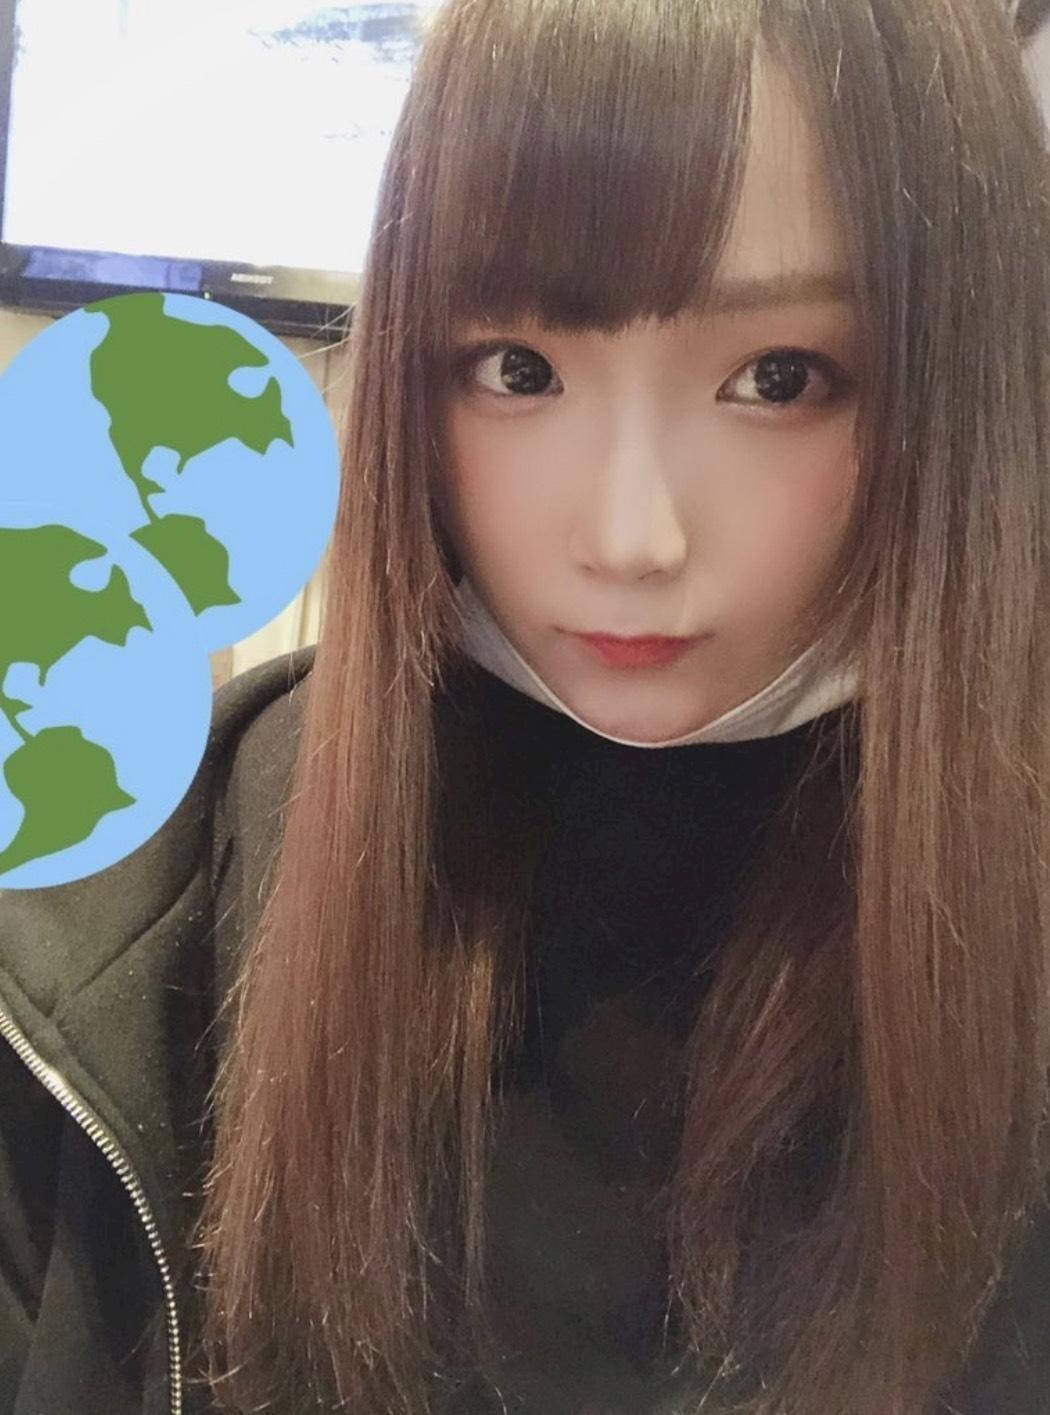 「遊ぼうね♡」09/28日(月) 13:22 | こころの写メ・風俗動画